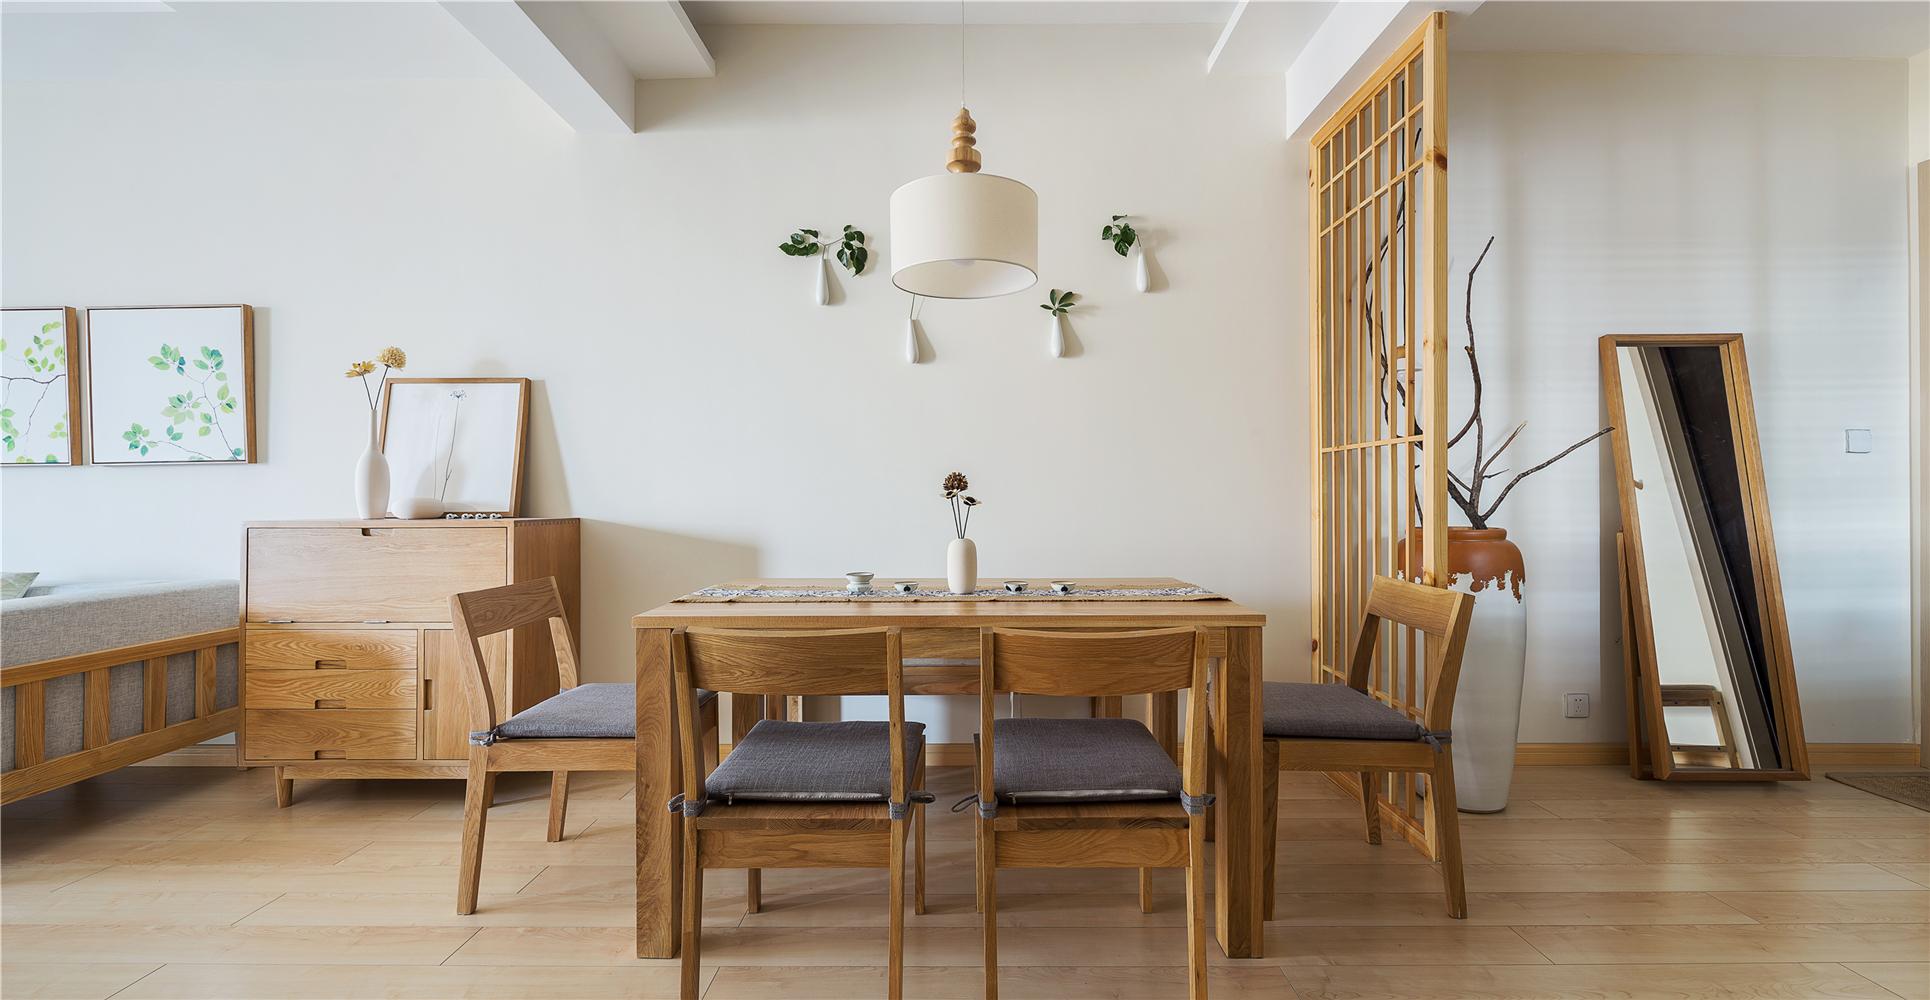 100㎡日式风格餐厅装修效果图